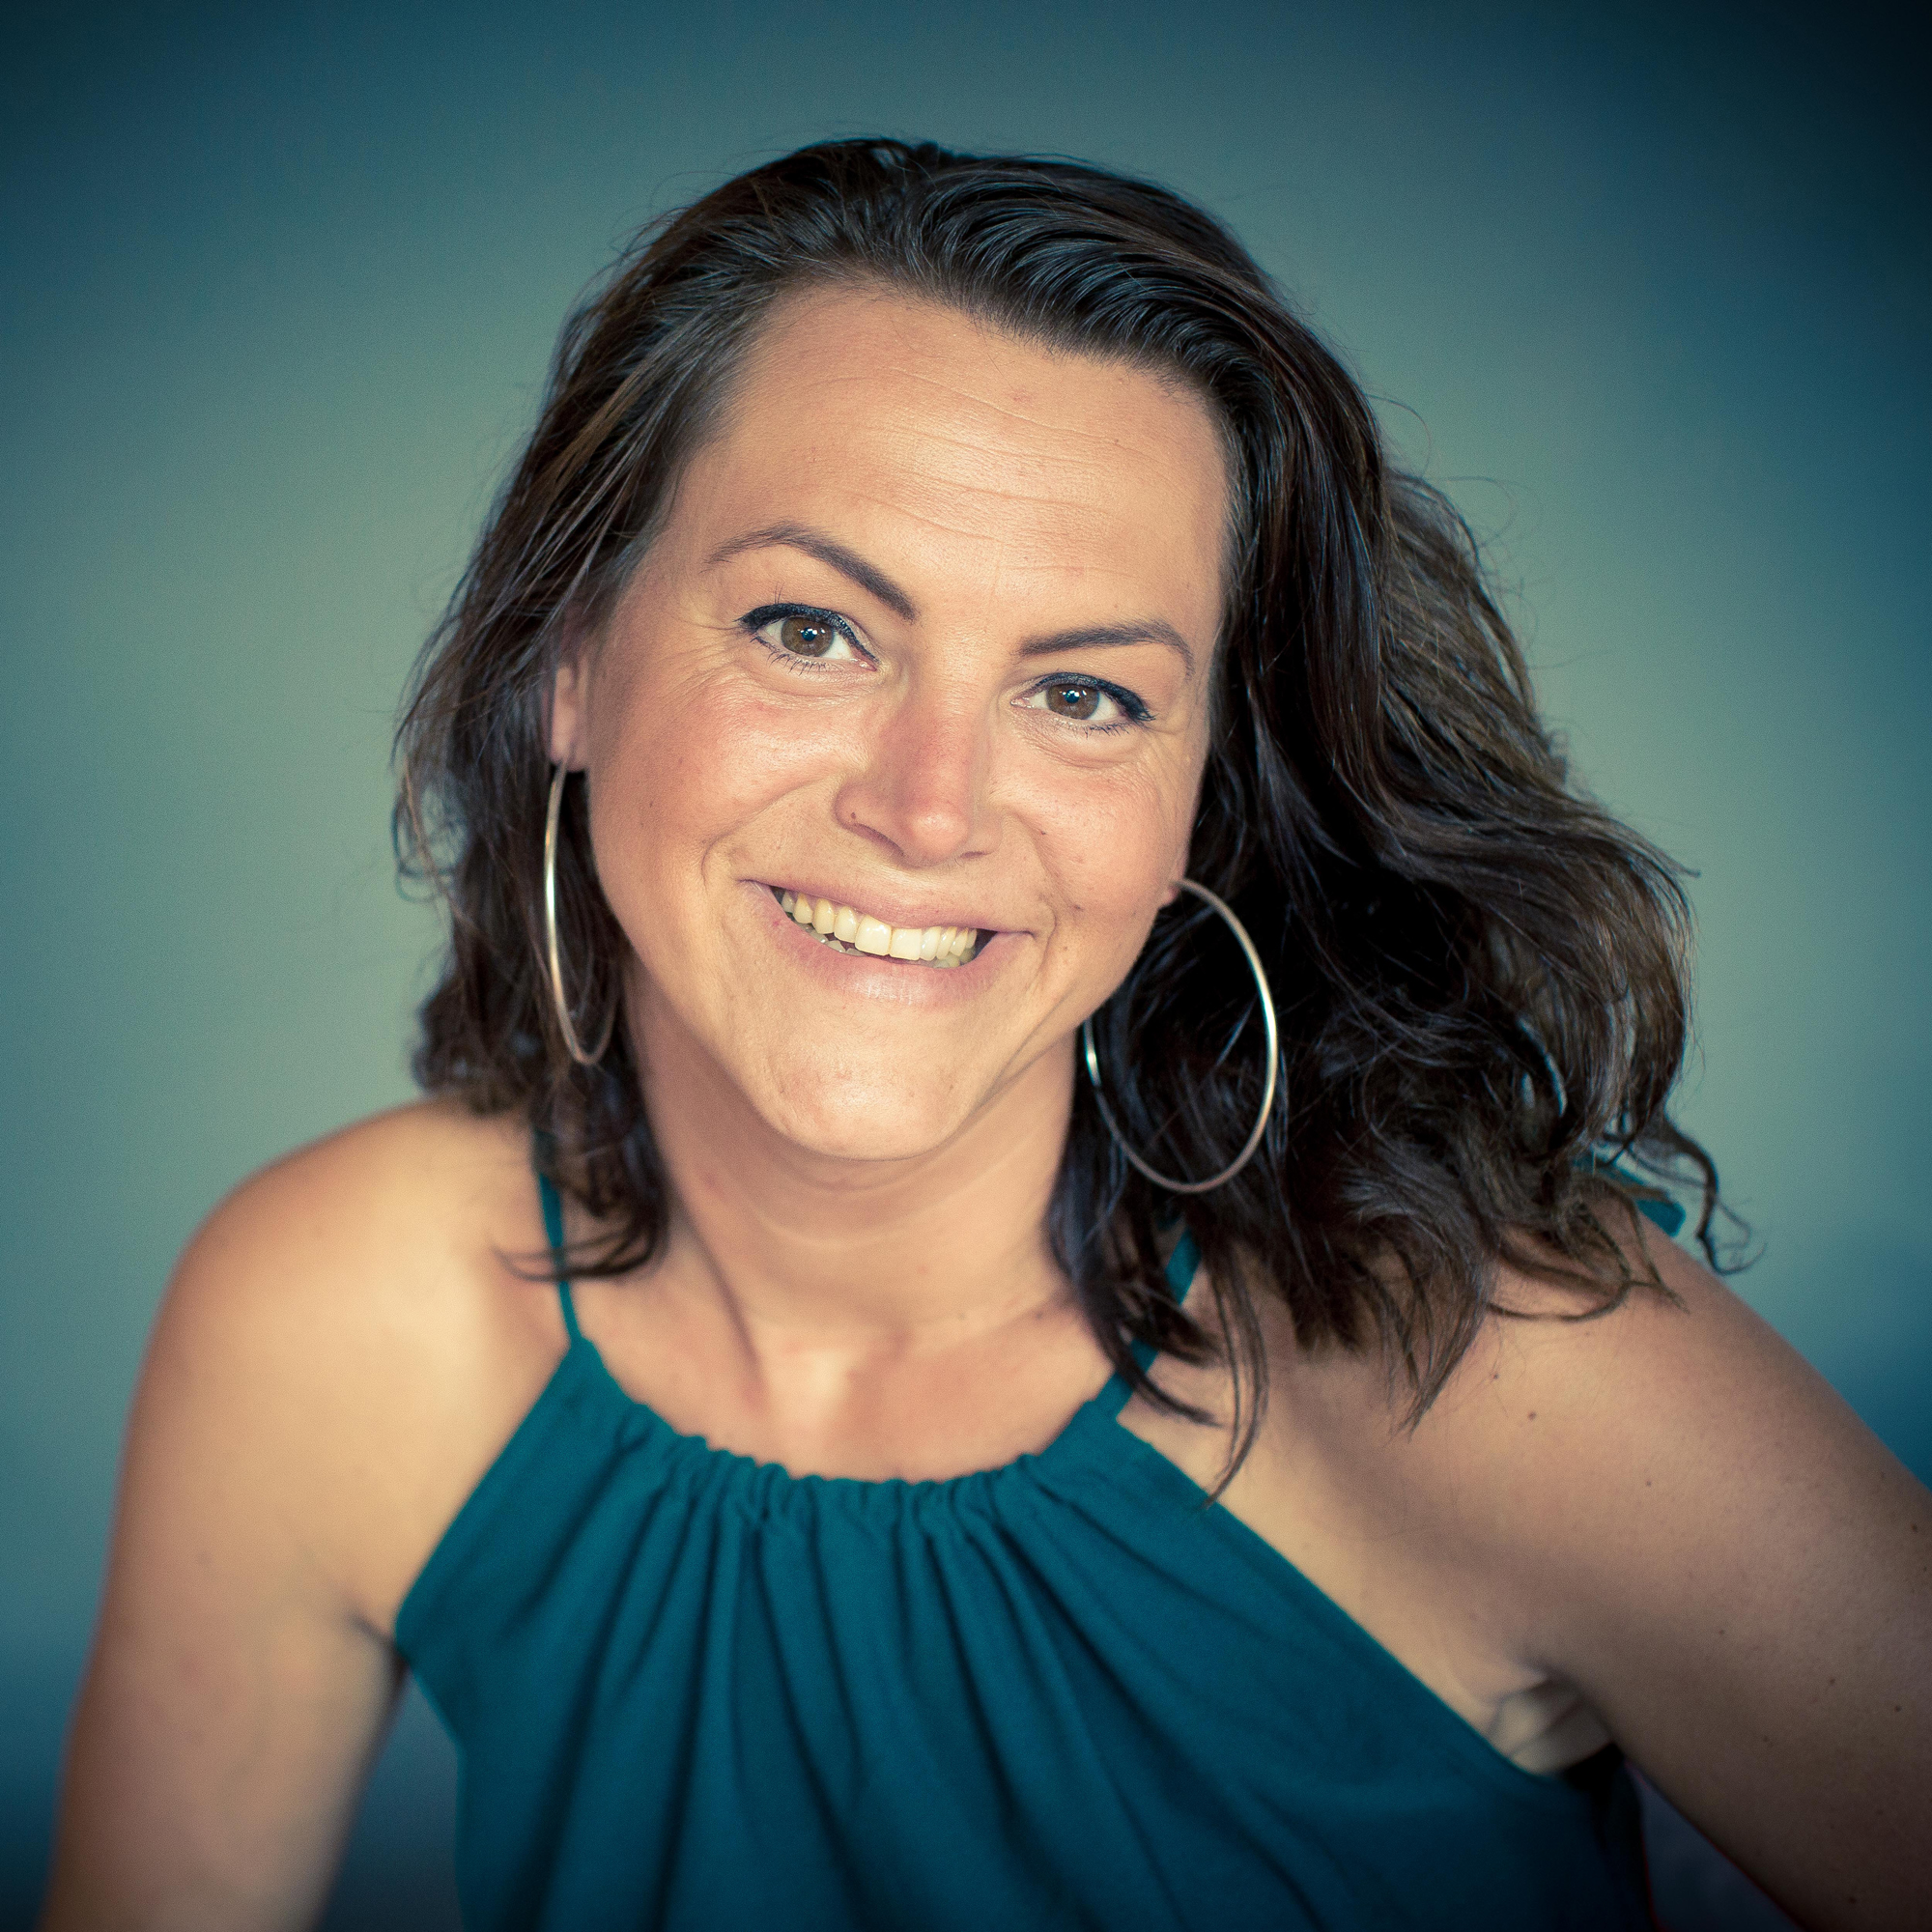 Denise Hulsbos